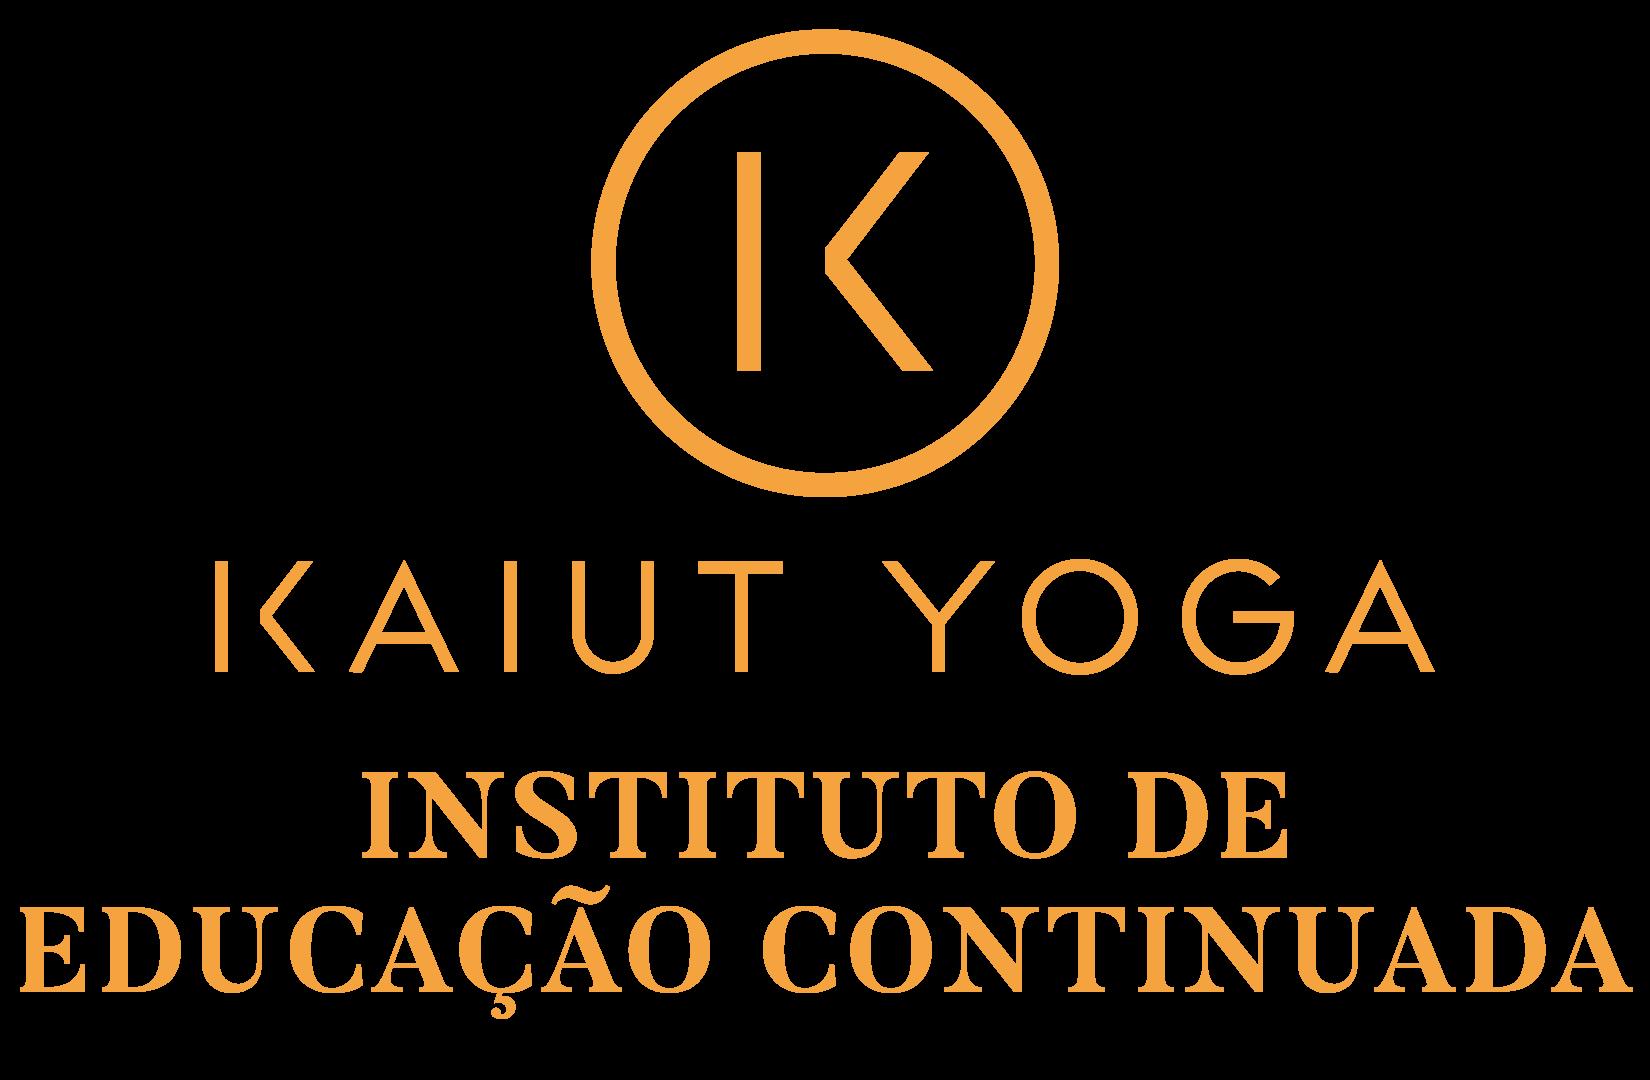 Instituto Kaiut Yoga de Educação Continuada